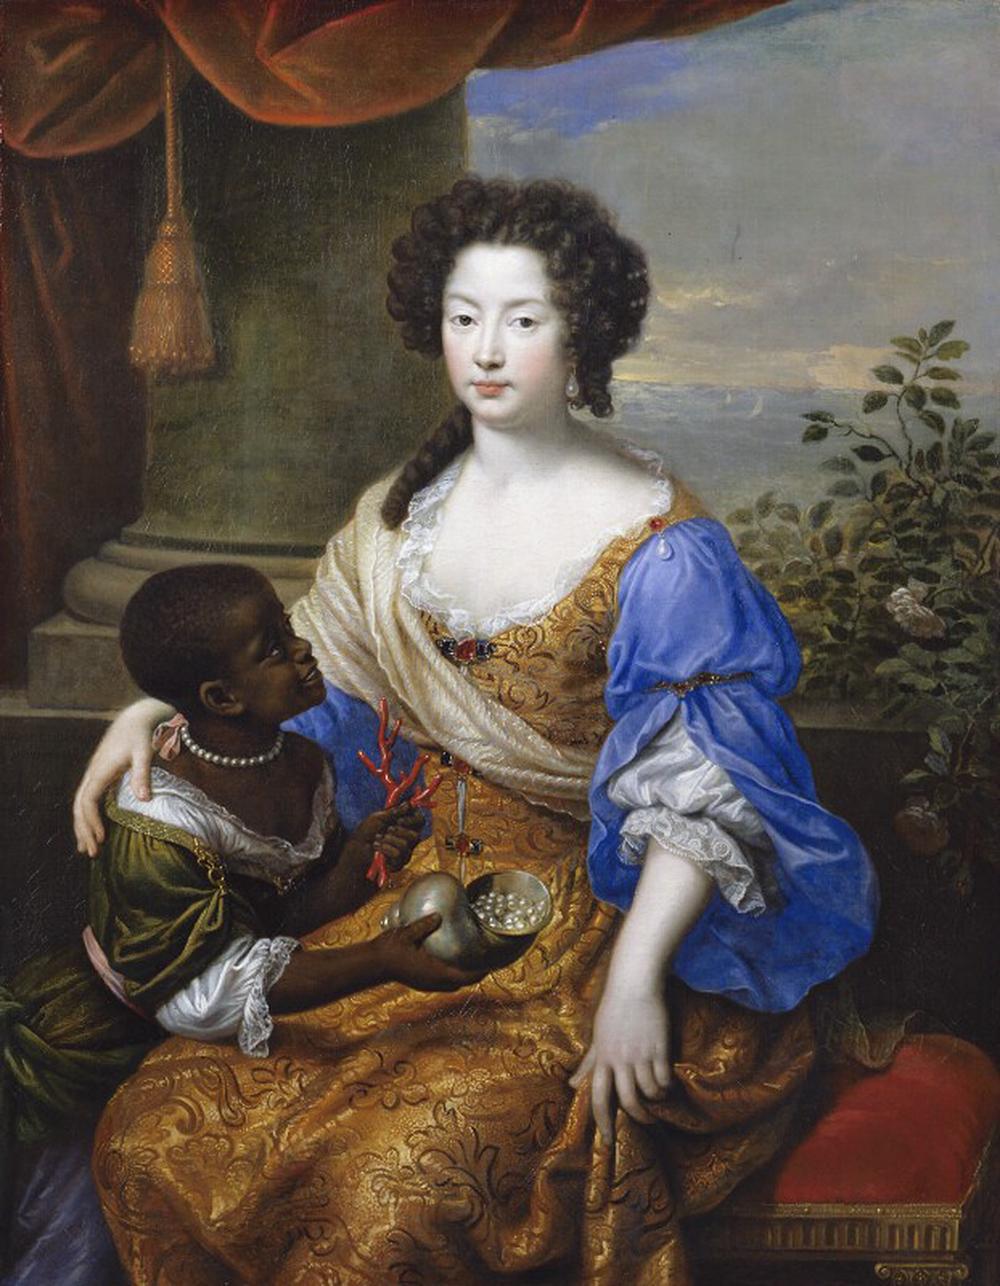 Louise-Renée de Kéroualle, Duchess of Portsmouth, by Pierre Mignard, 1682. © National Portrait Gallery, London.